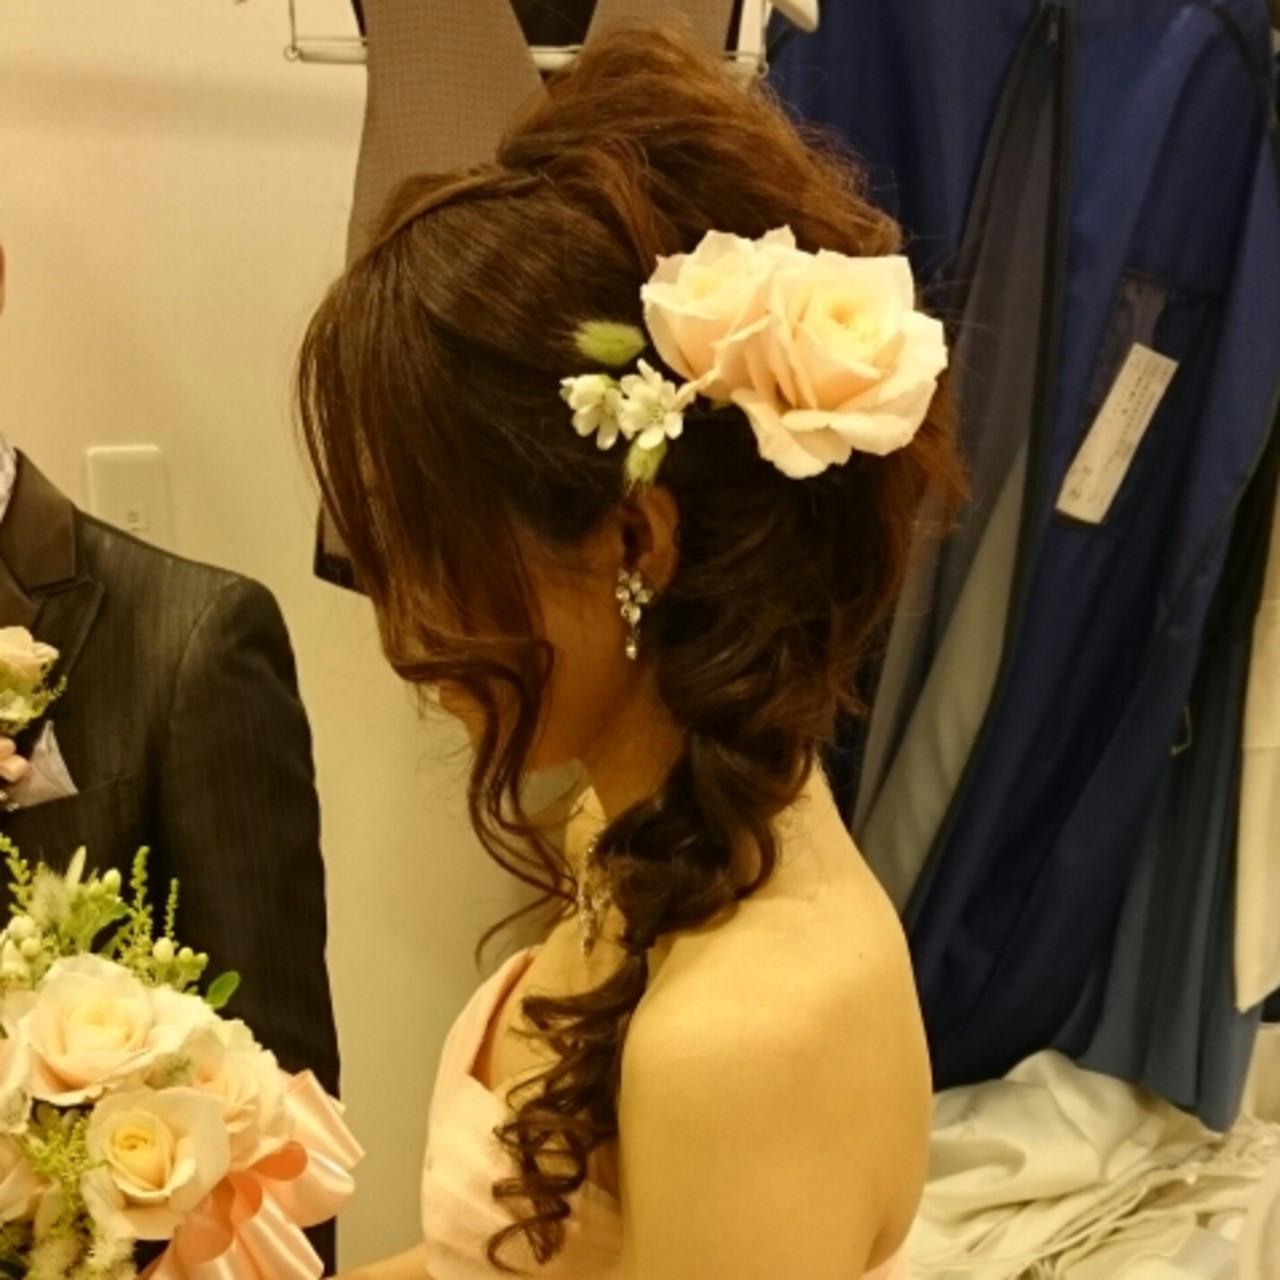 ミディアム 結婚式 ヘアアレンジ ブライダル ヘアスタイルや髪型の写真・画像